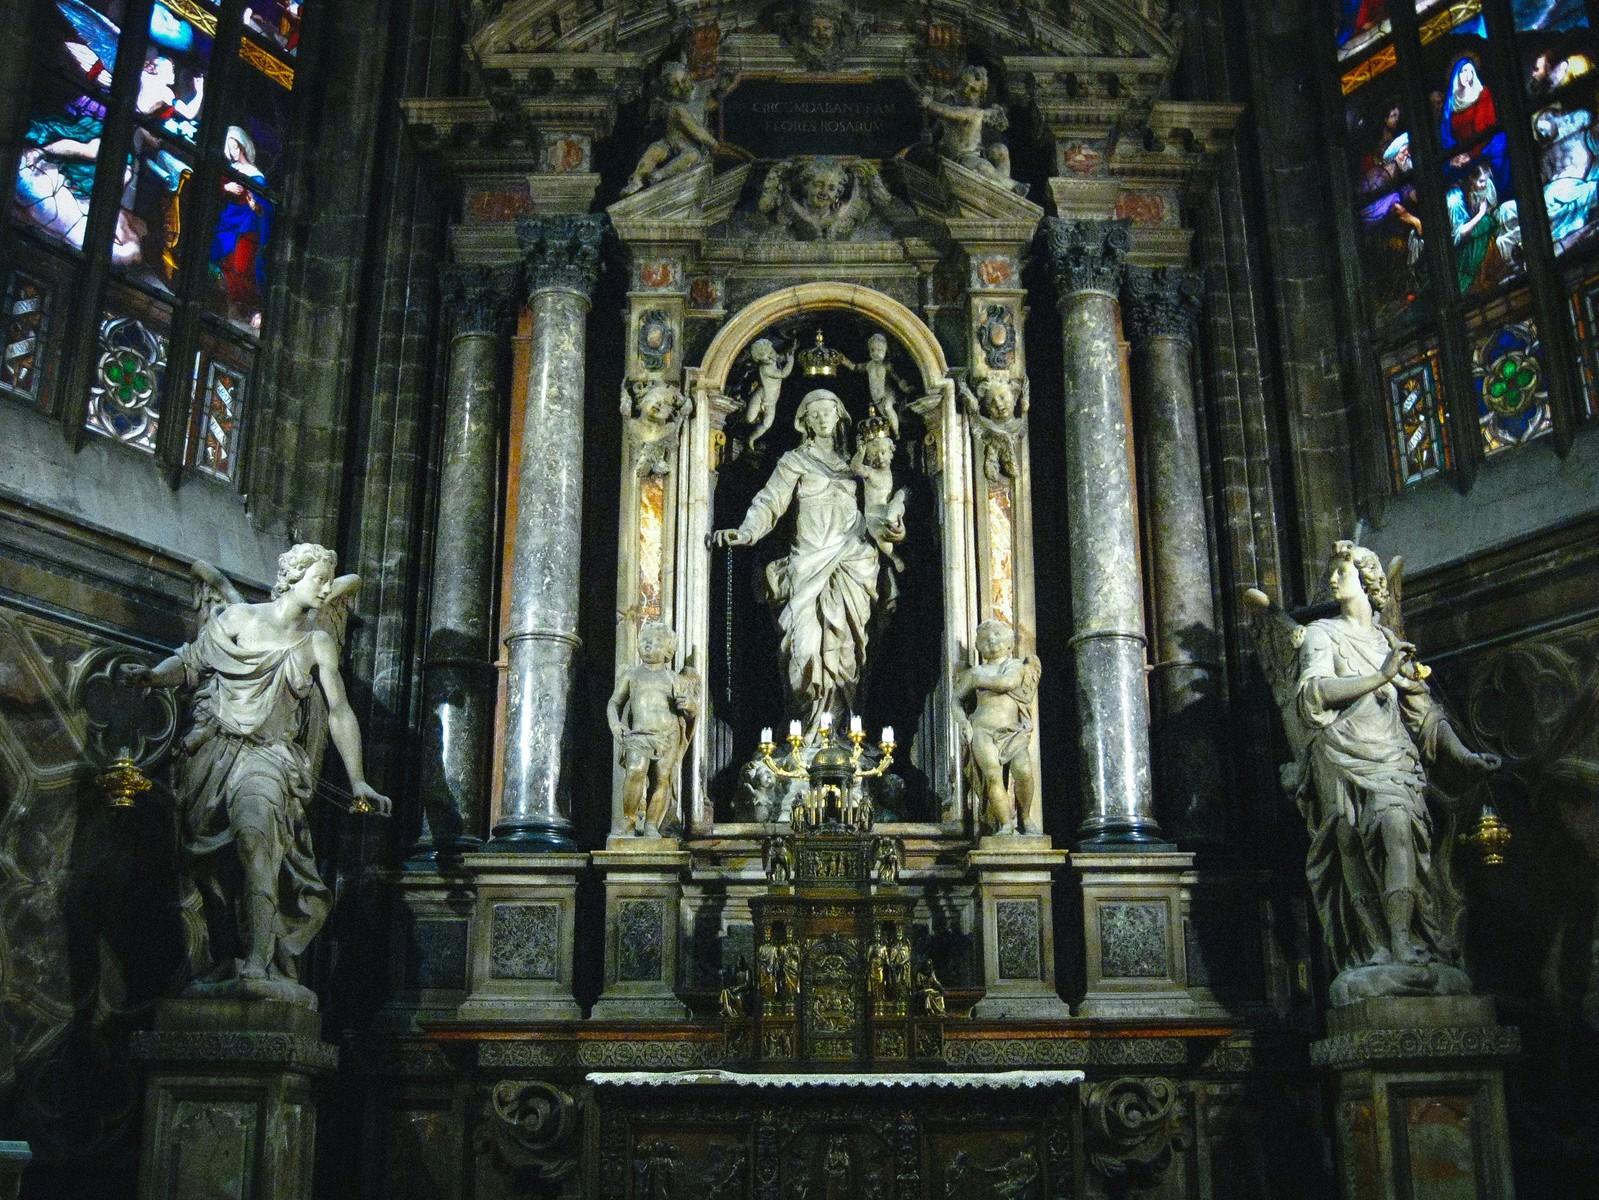 「ミラノの大聖堂にある女神像とステンドグラス(サンタ マリア ナシェンテ教会)」の写真